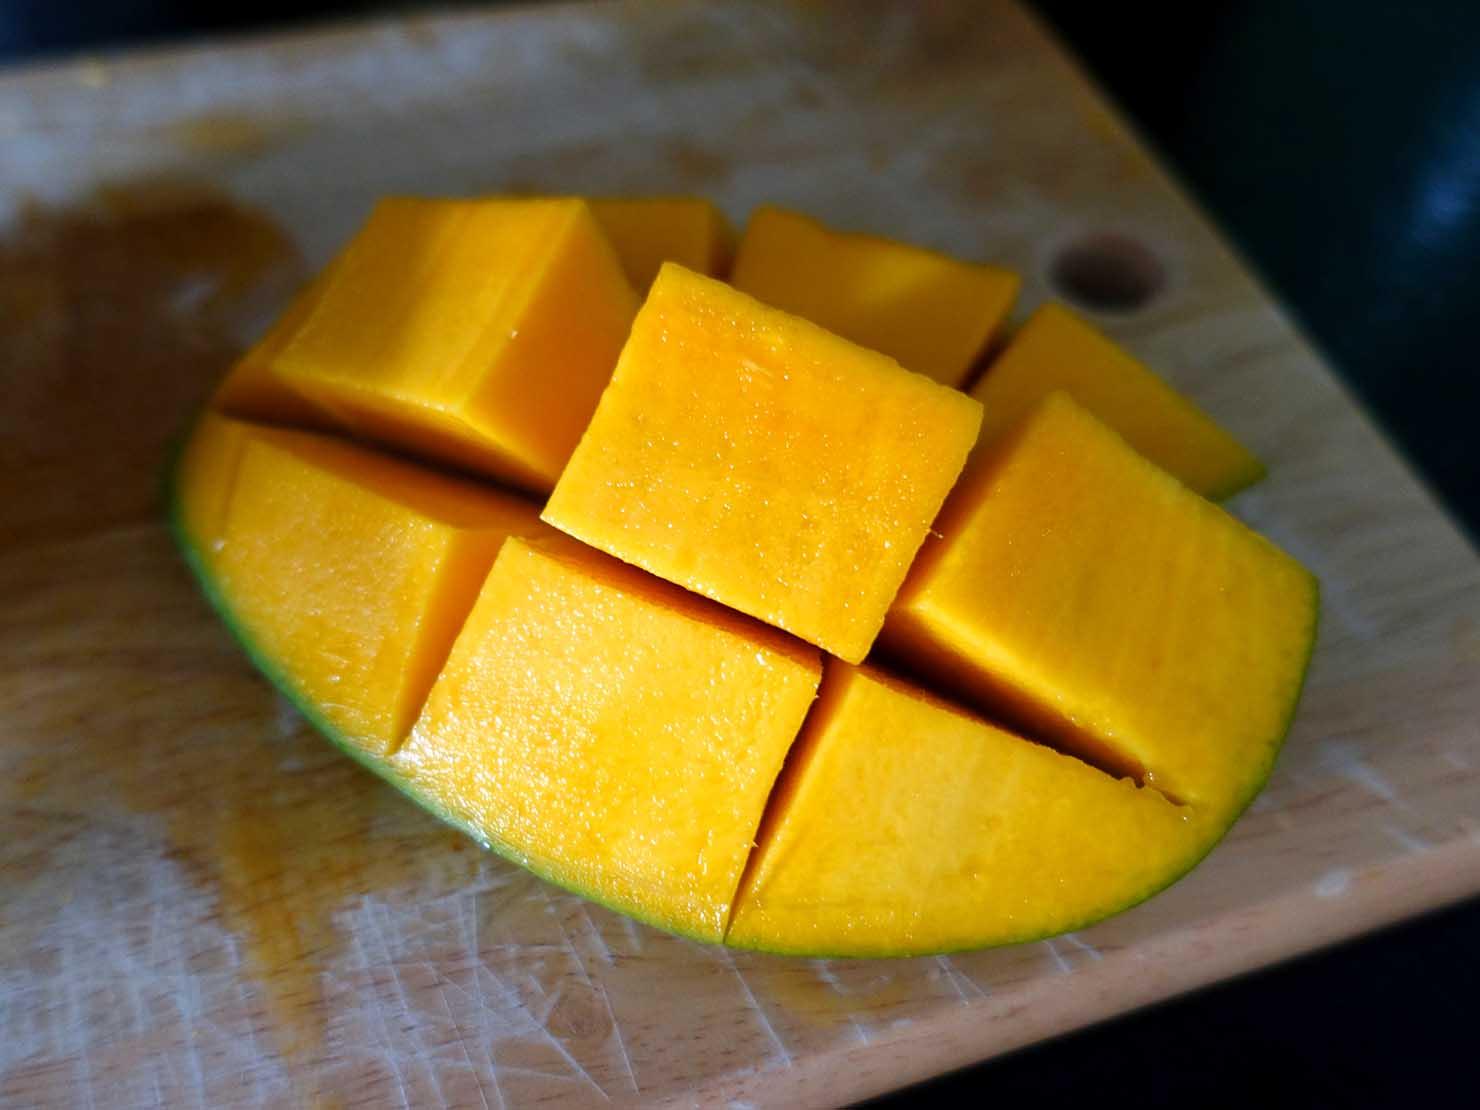 台湾のちょっと珍しい緑のマンゴー「烏香芒果」の切り方(できあがり)